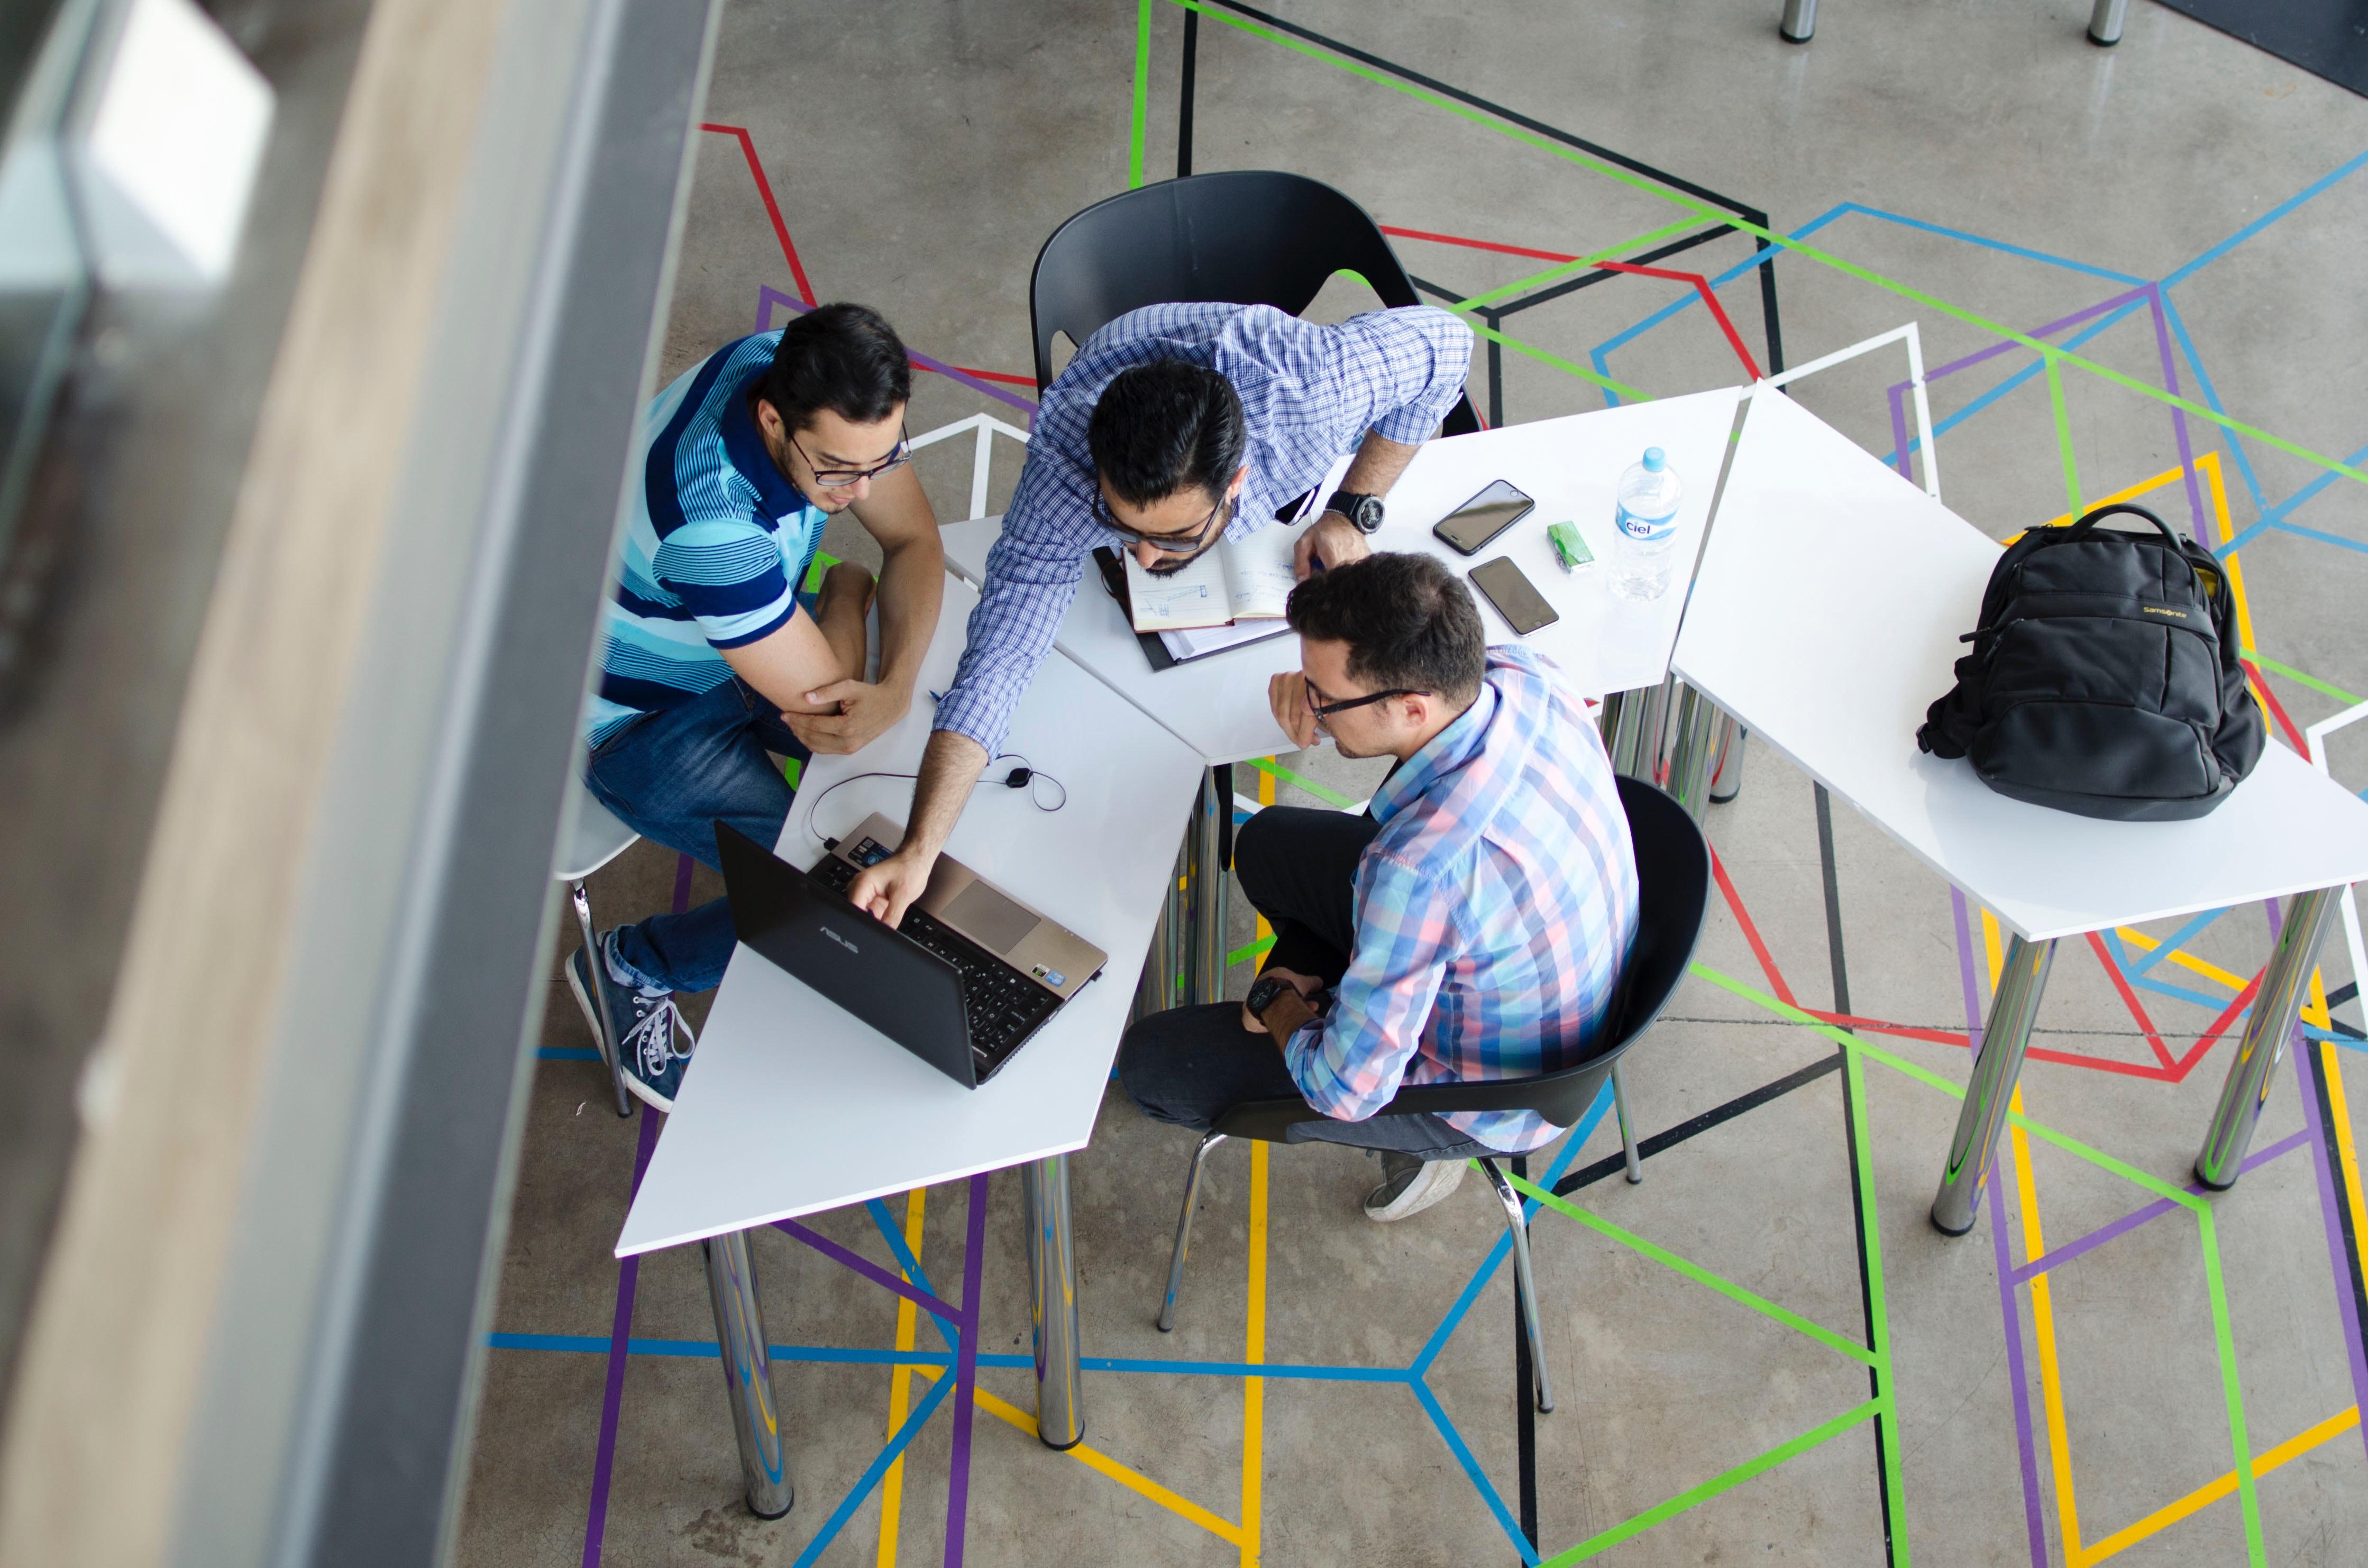 Una propuesta muy interesante para tener reuniones de trabajo más efectivas